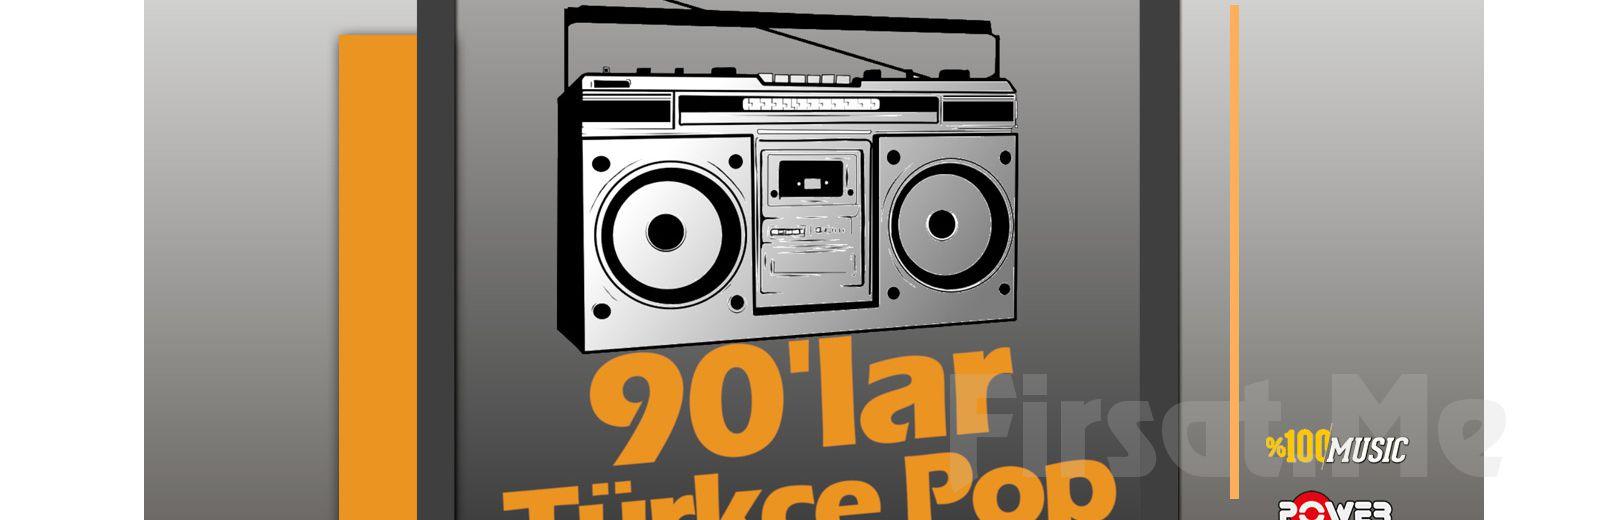 Mori Performance'da 25 Ağustos'ta DJ Alper ile 90'lar Türkçe Pop Gecesi Konser Bileti